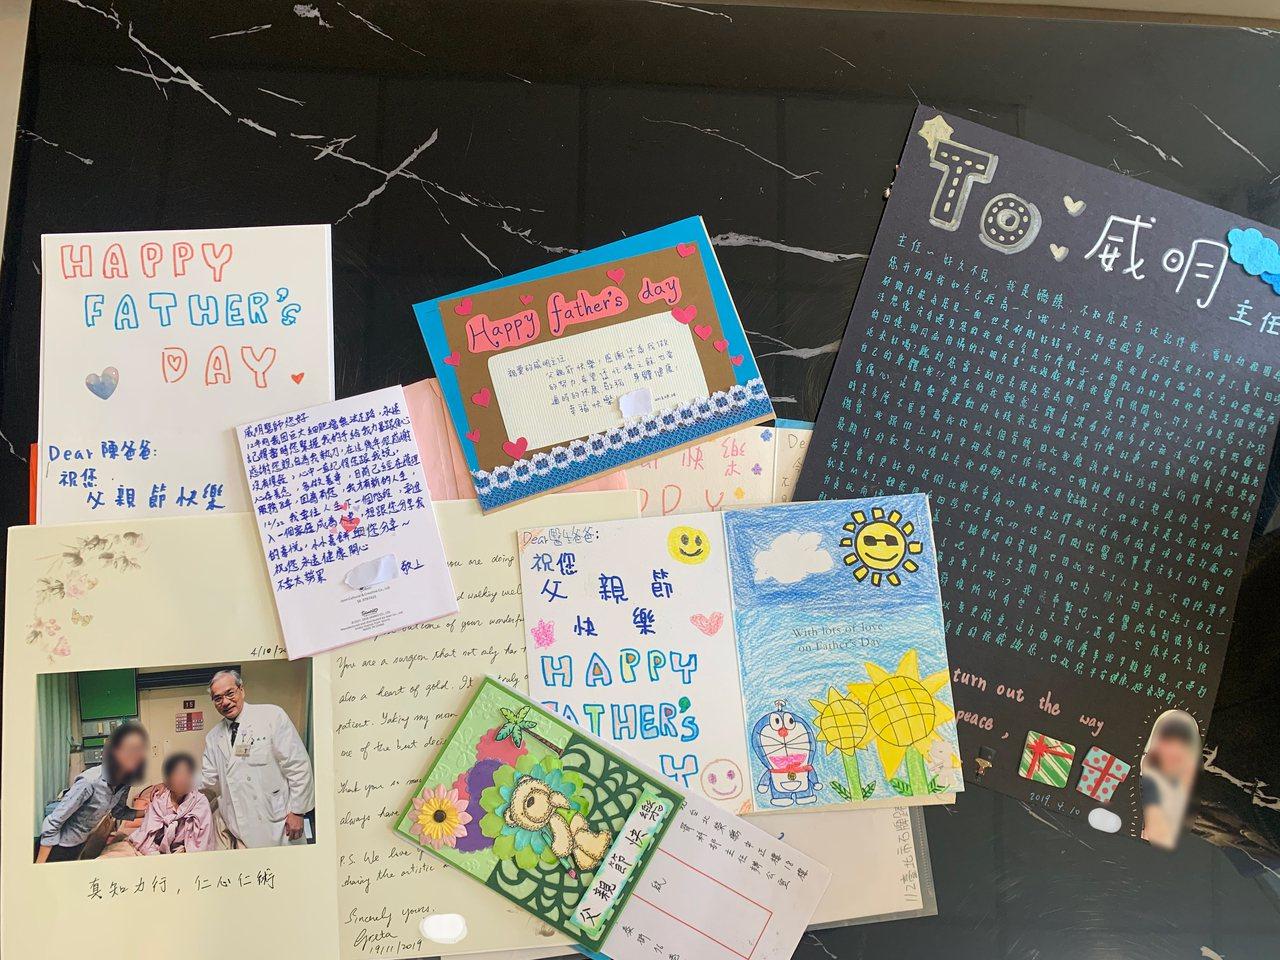 陳威明每回父親節總收到病患寄來的問候卡片。記者吳貞瑩/攝影